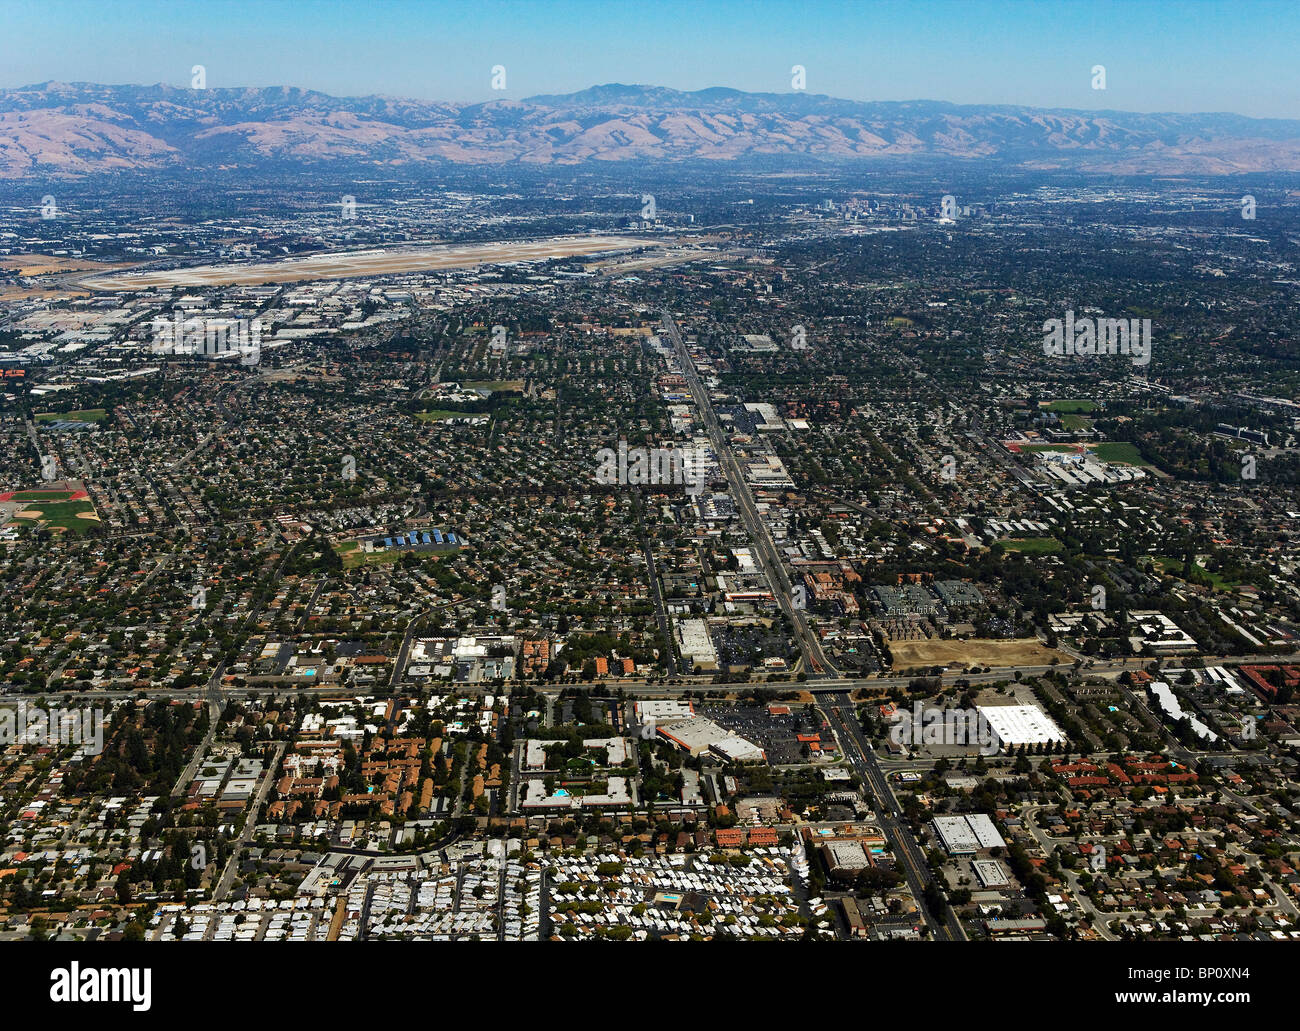 Vue aérienne au-dessus de la Silicon Valley en direction de San Jose airport et le centre-ville de San Jose Photo Stock